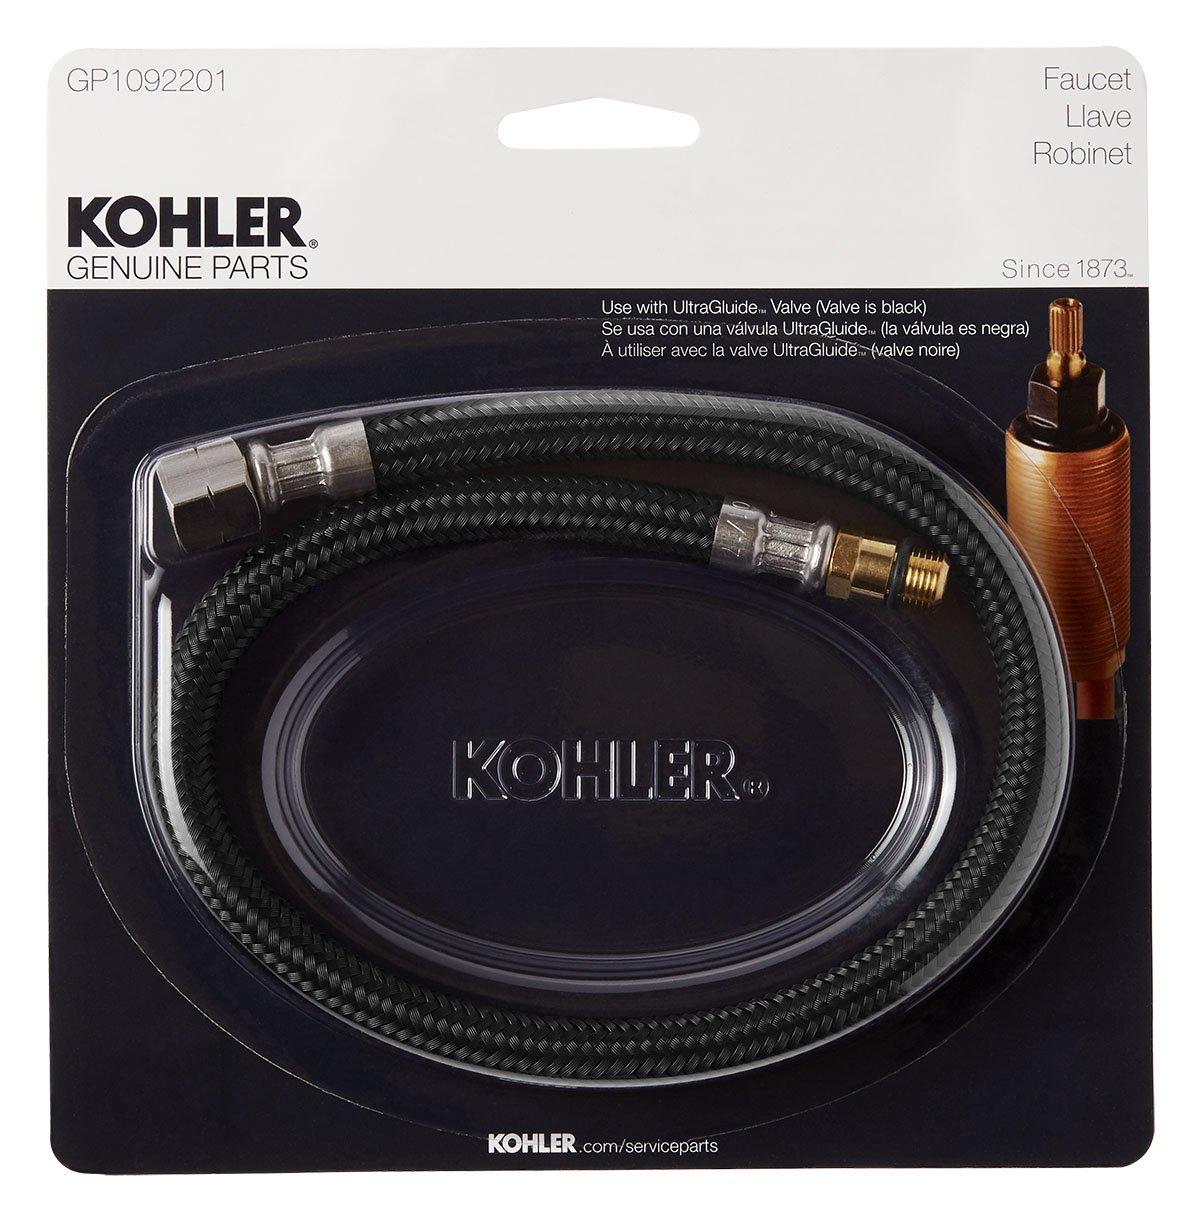 Kohler GP1092201 Hose for Ultraglide Valve